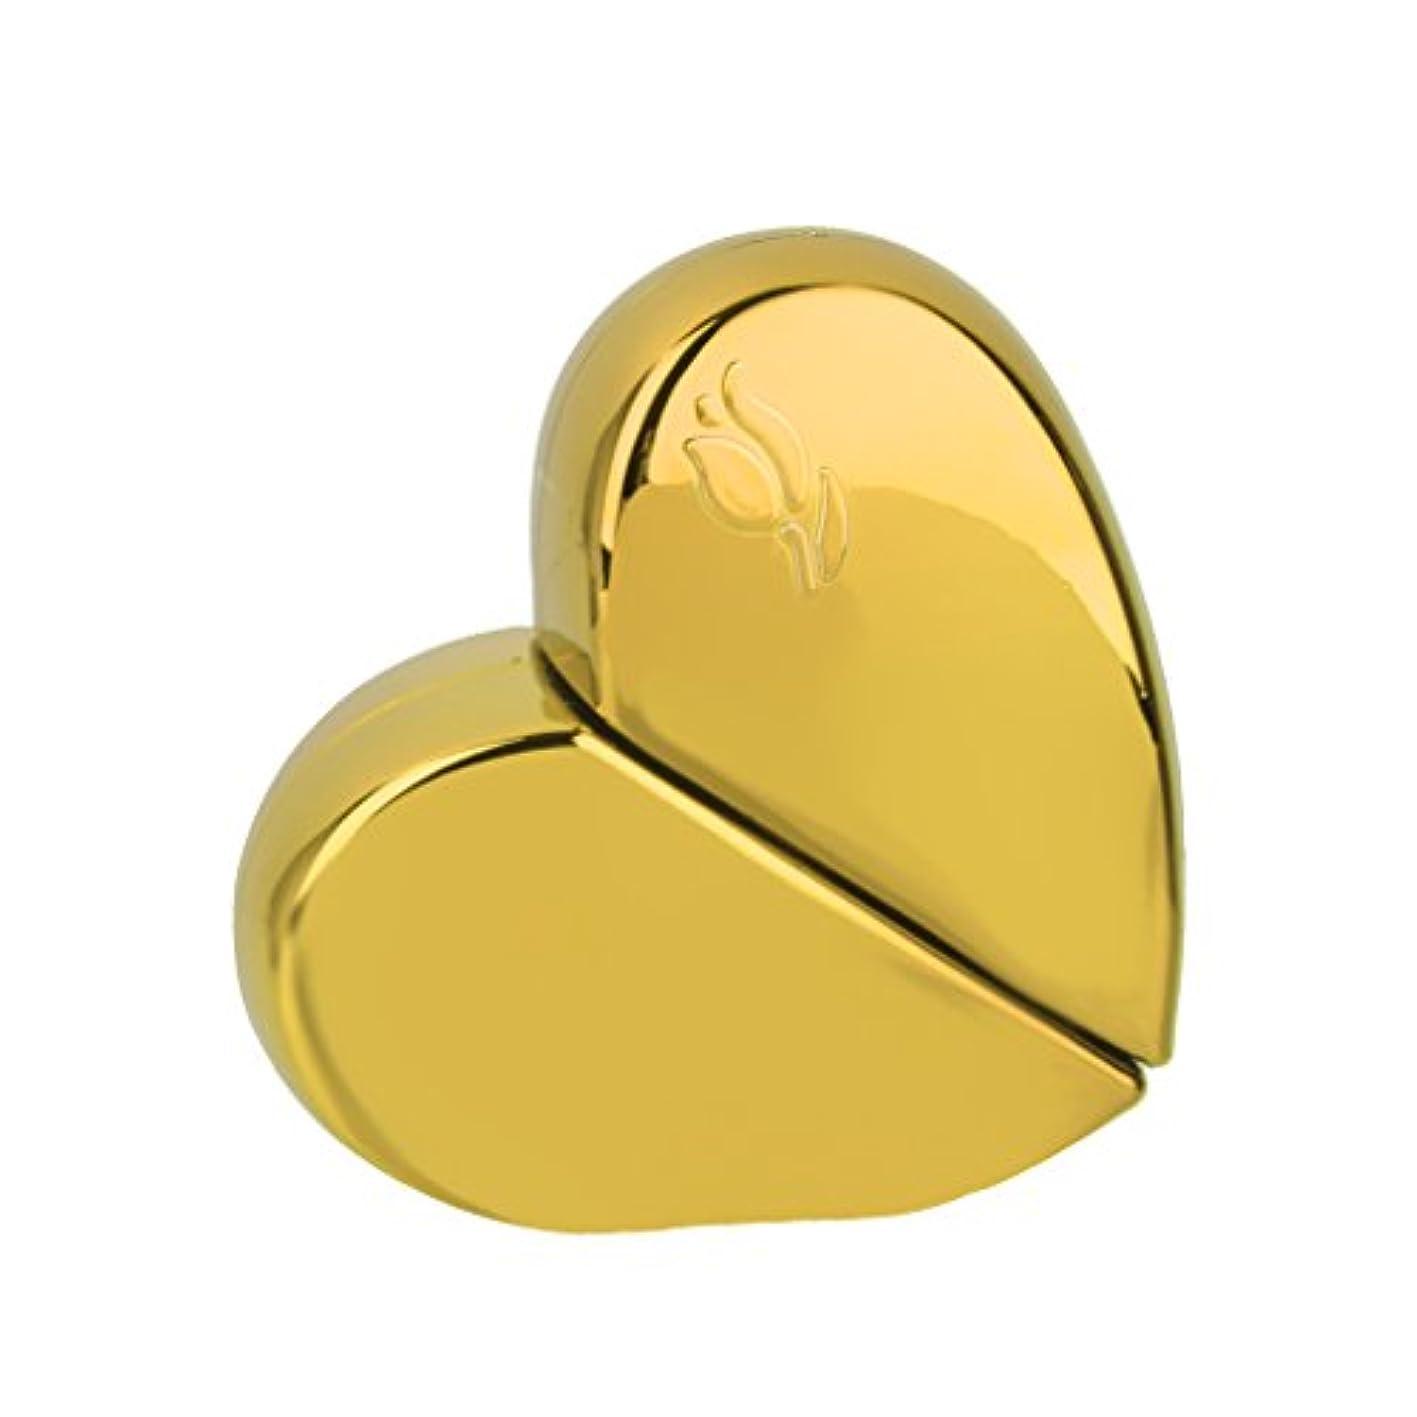 【ノーブランド 品】旅行 香水アトマイザー 香水瓶 詰め替えスプレーボトル 25ml ゴールド ハート型